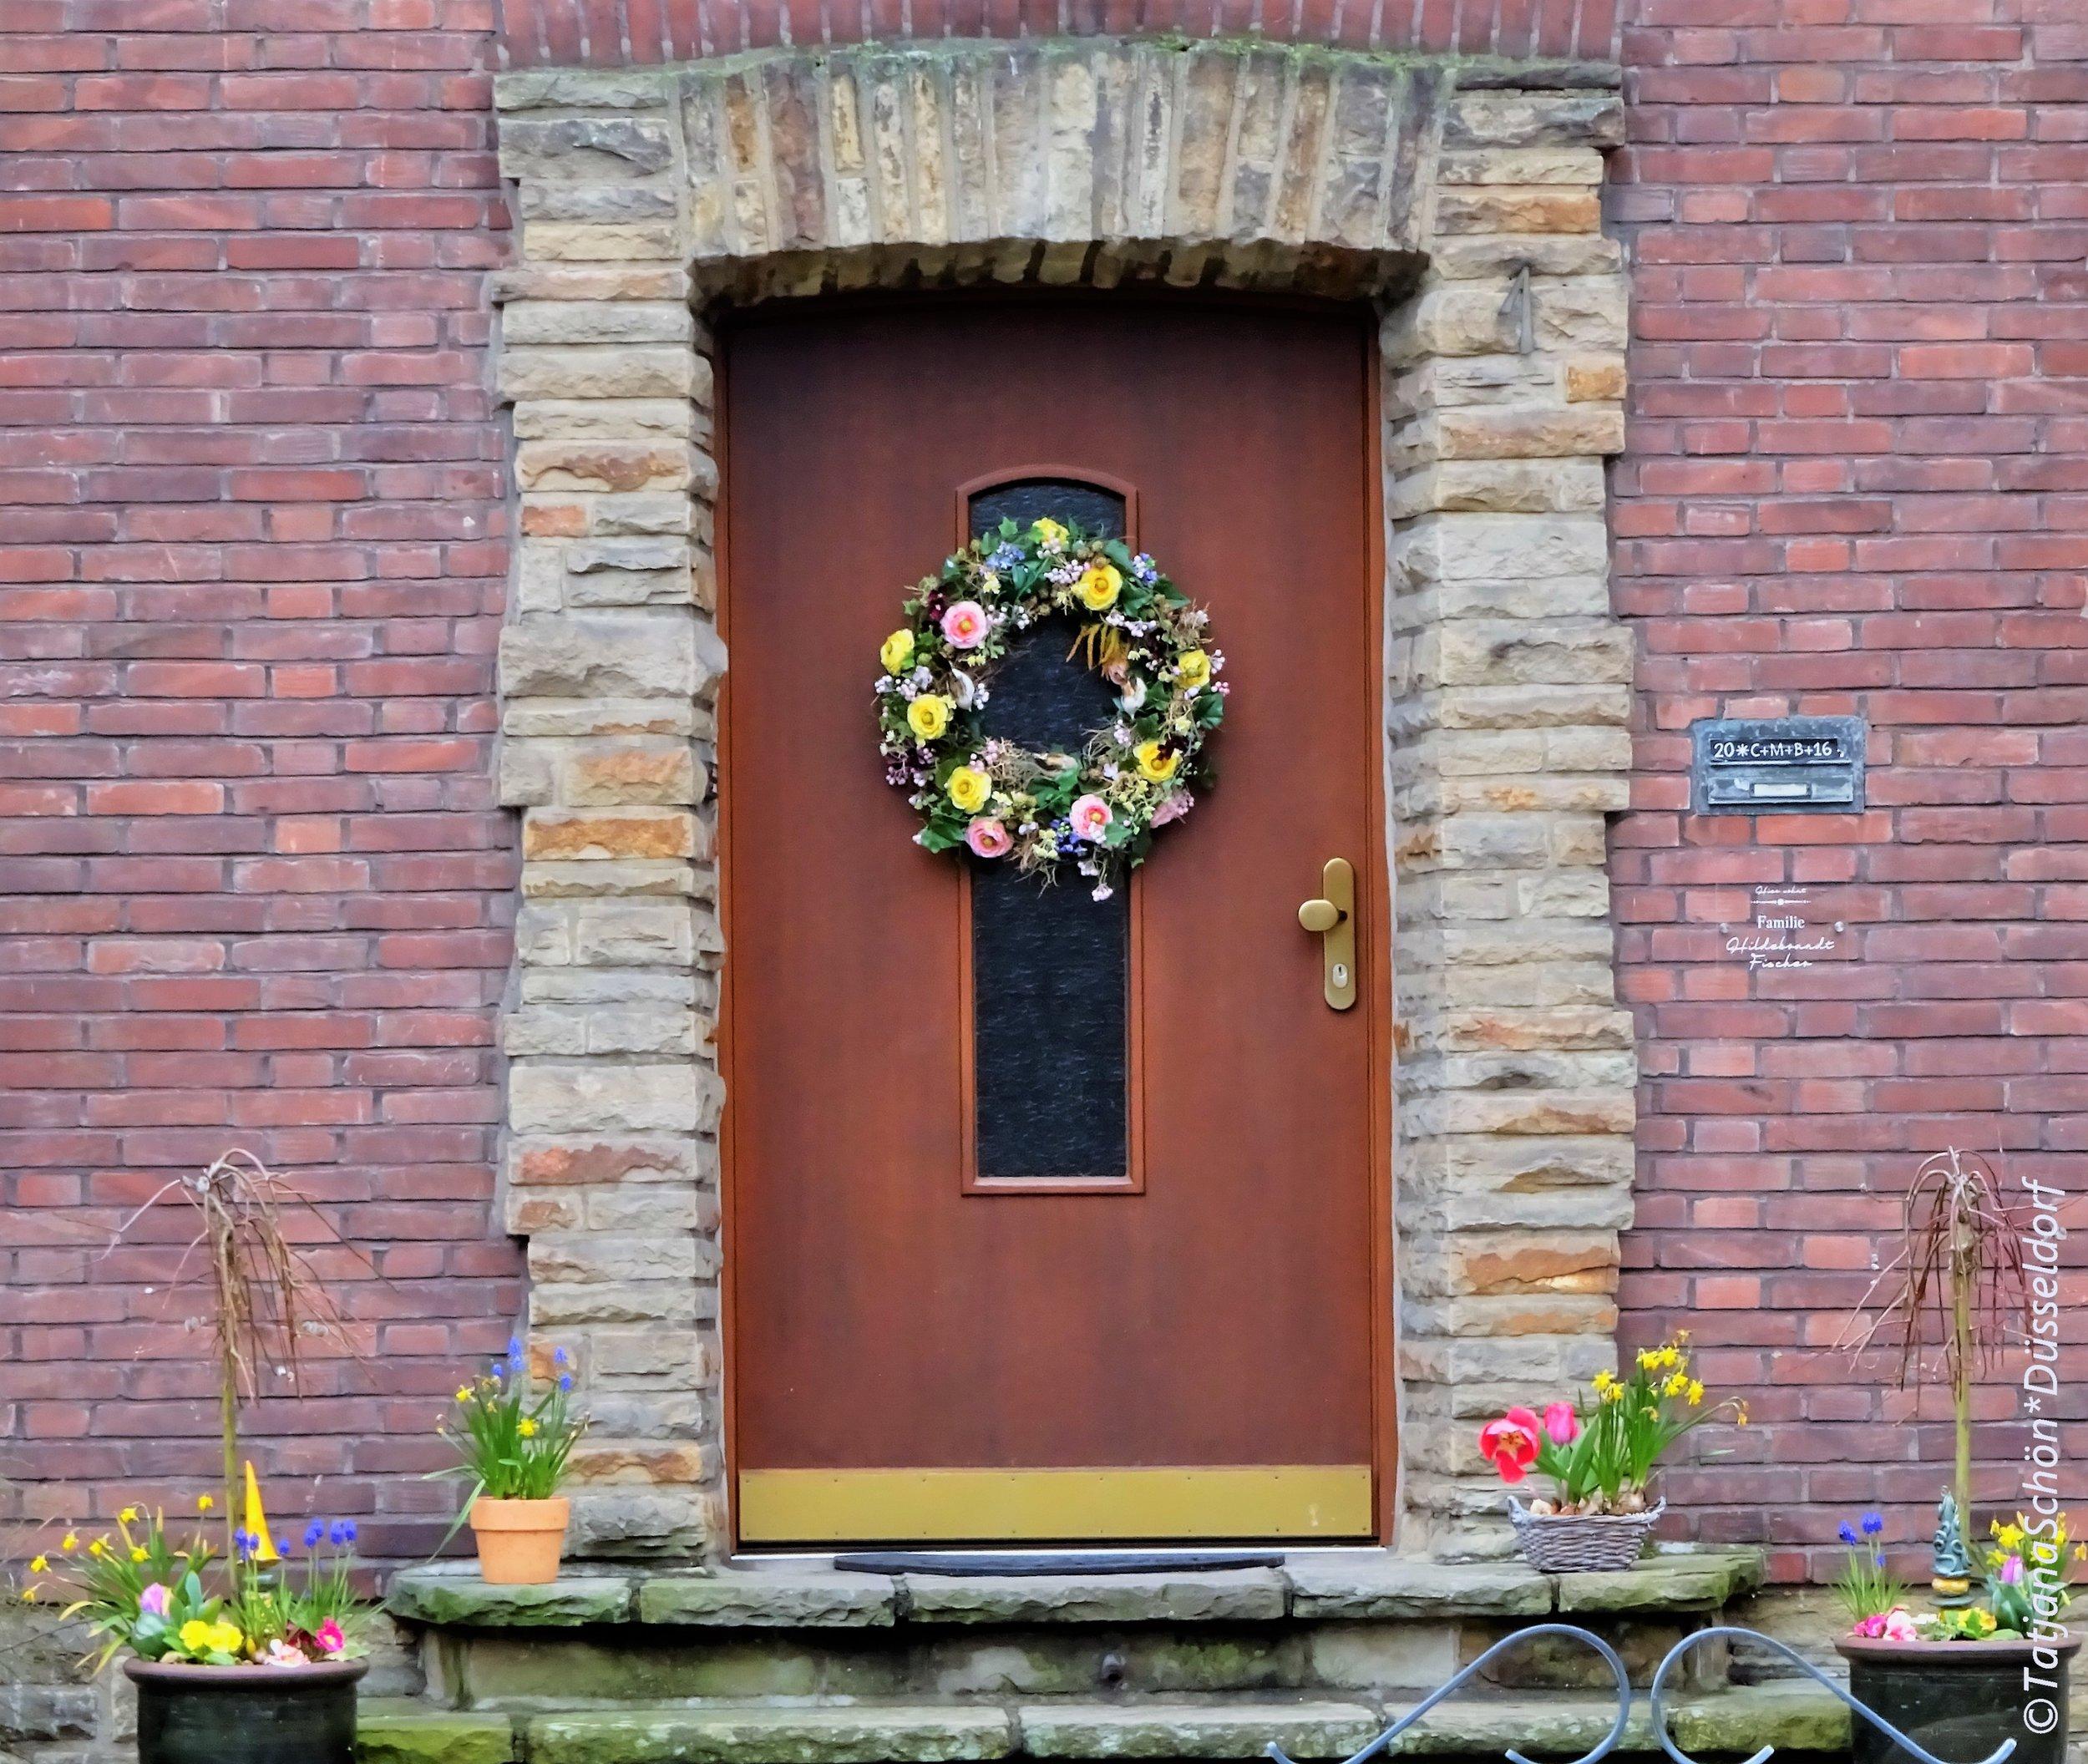 традиция украшать входную дверь очень популярна в Европе - и не только на Рождество